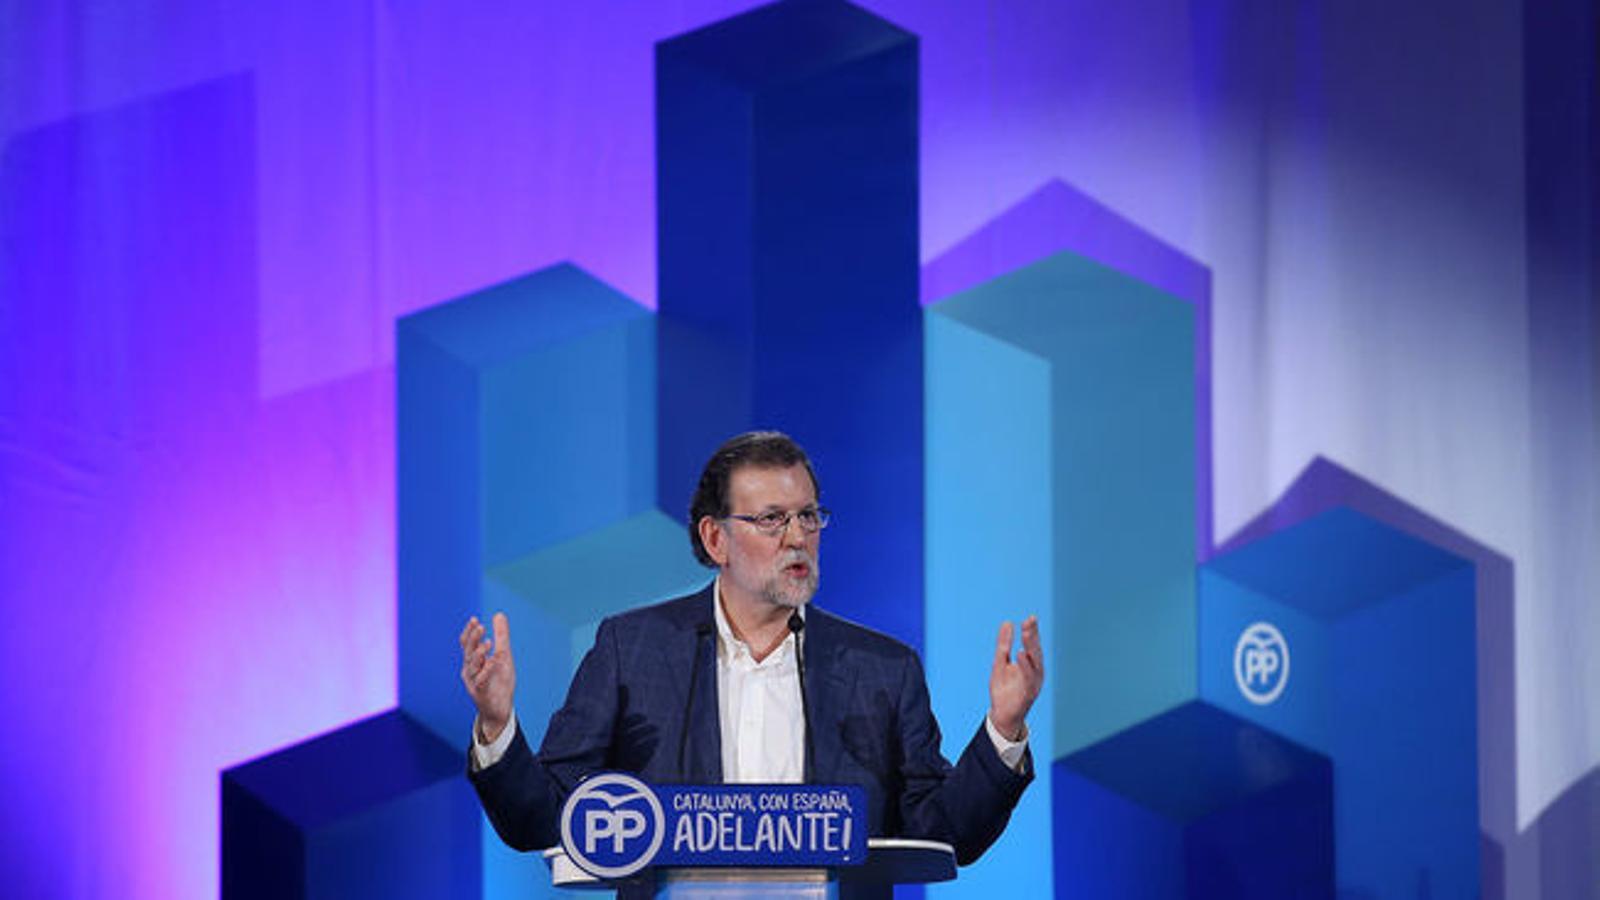 EN DIRECTE: Rajoy anuncia un paquet d'inversió en infraestructures a Catalunya